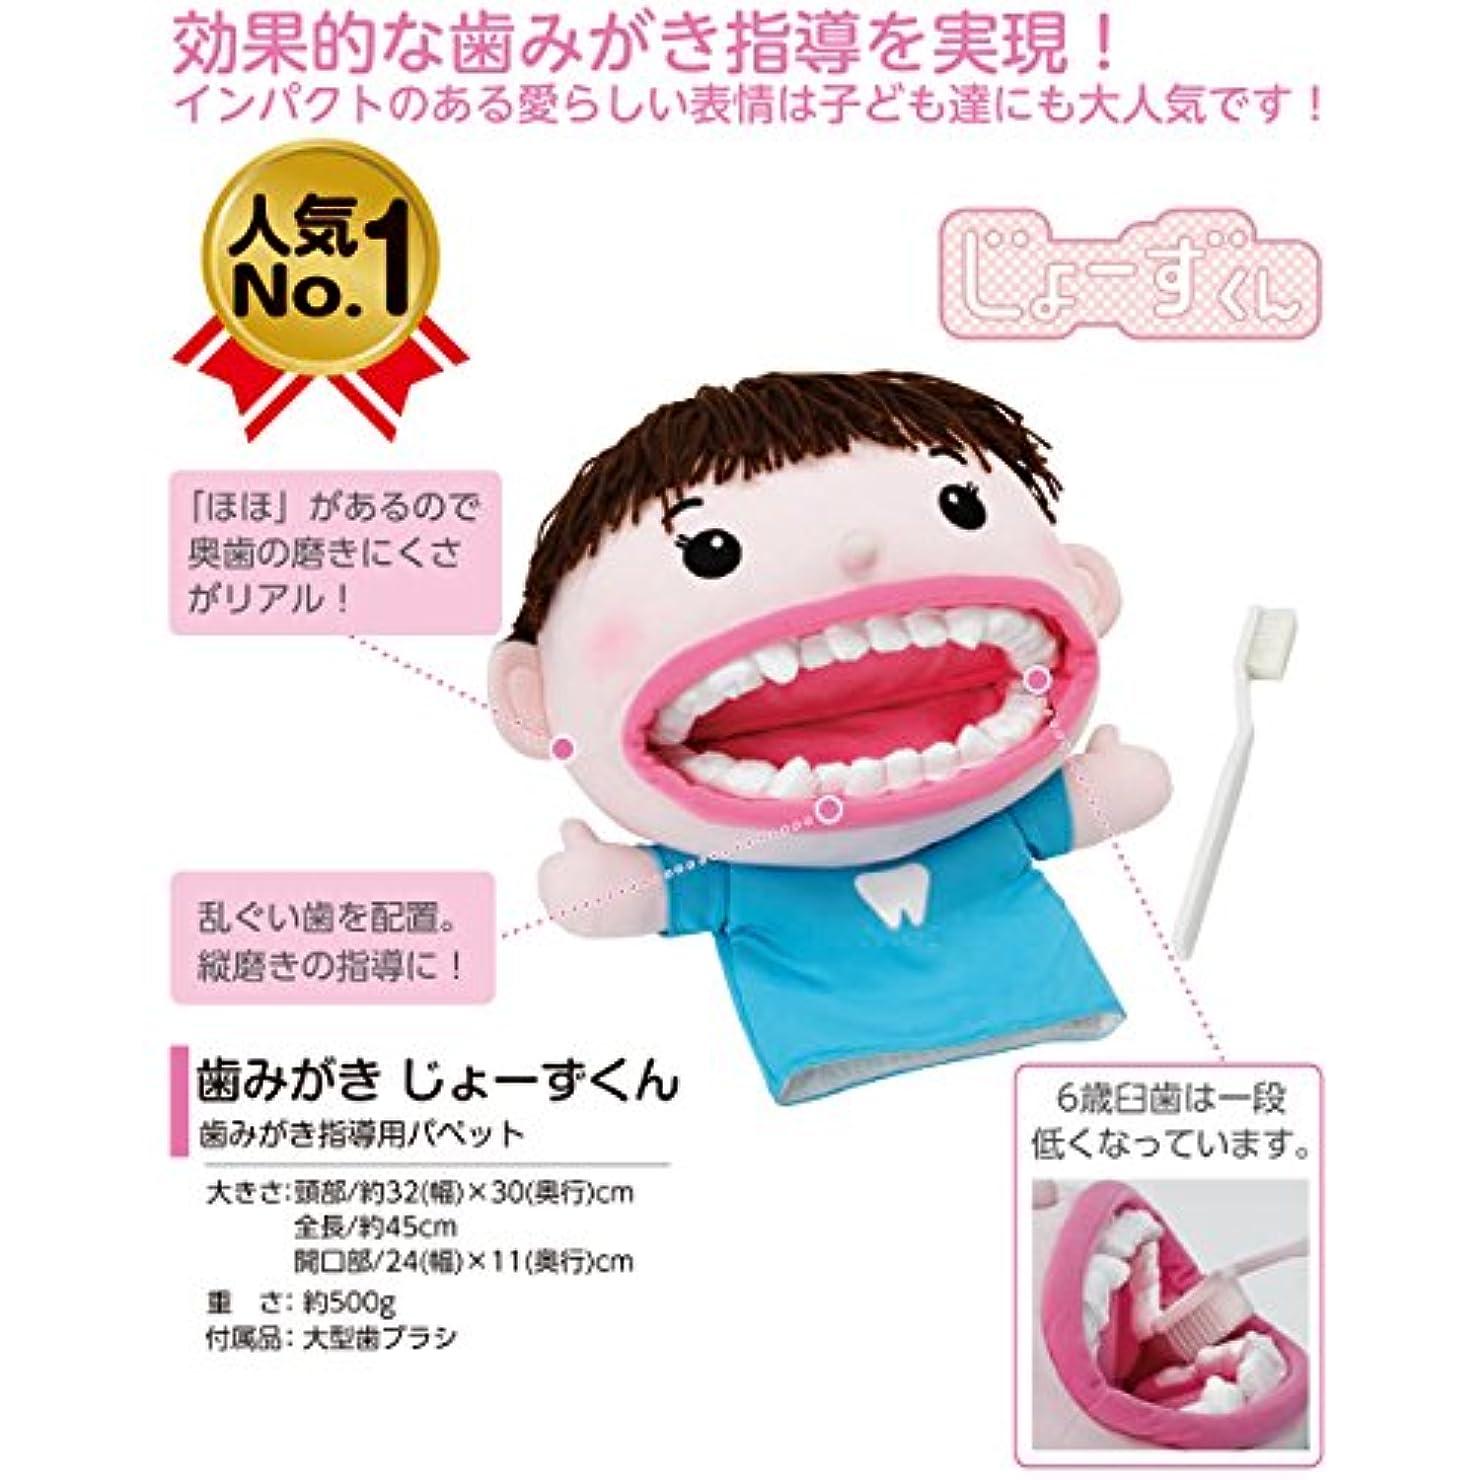 懲らしめアミューズ中傷歯みがき じょーずくん 歯磨き 指導用 教育用 パペット 人形 ぬいぐるみ